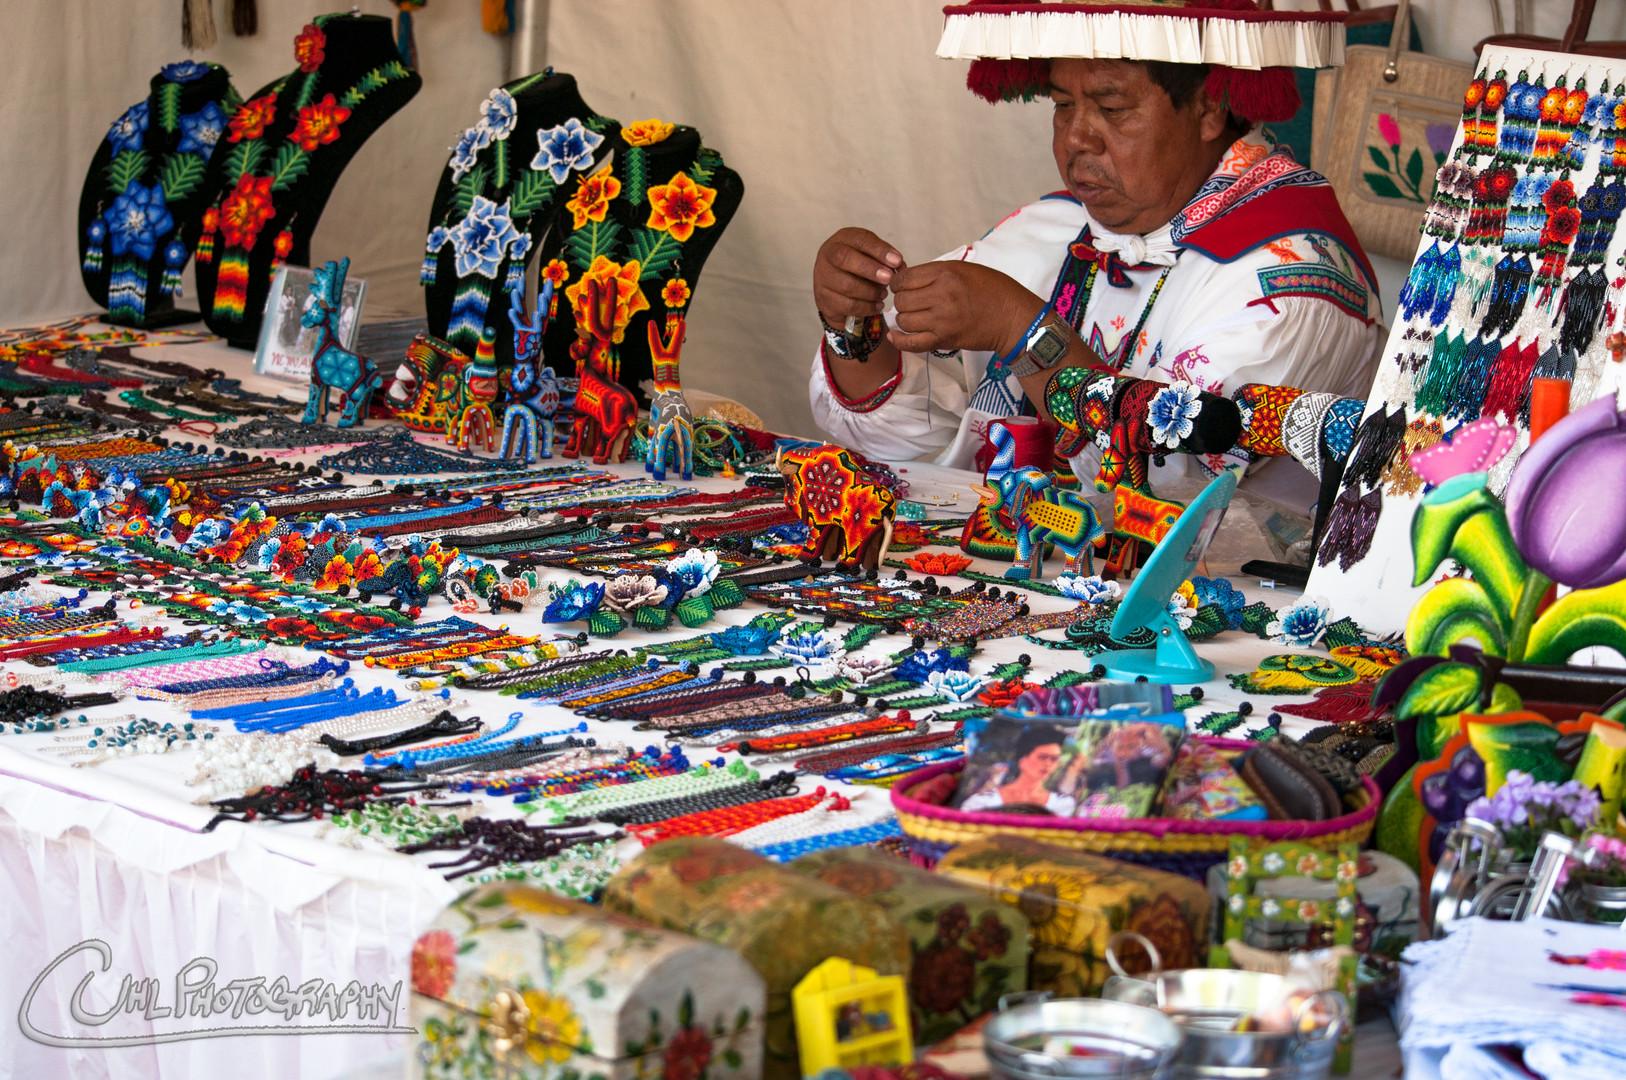 Mexican Craftsman